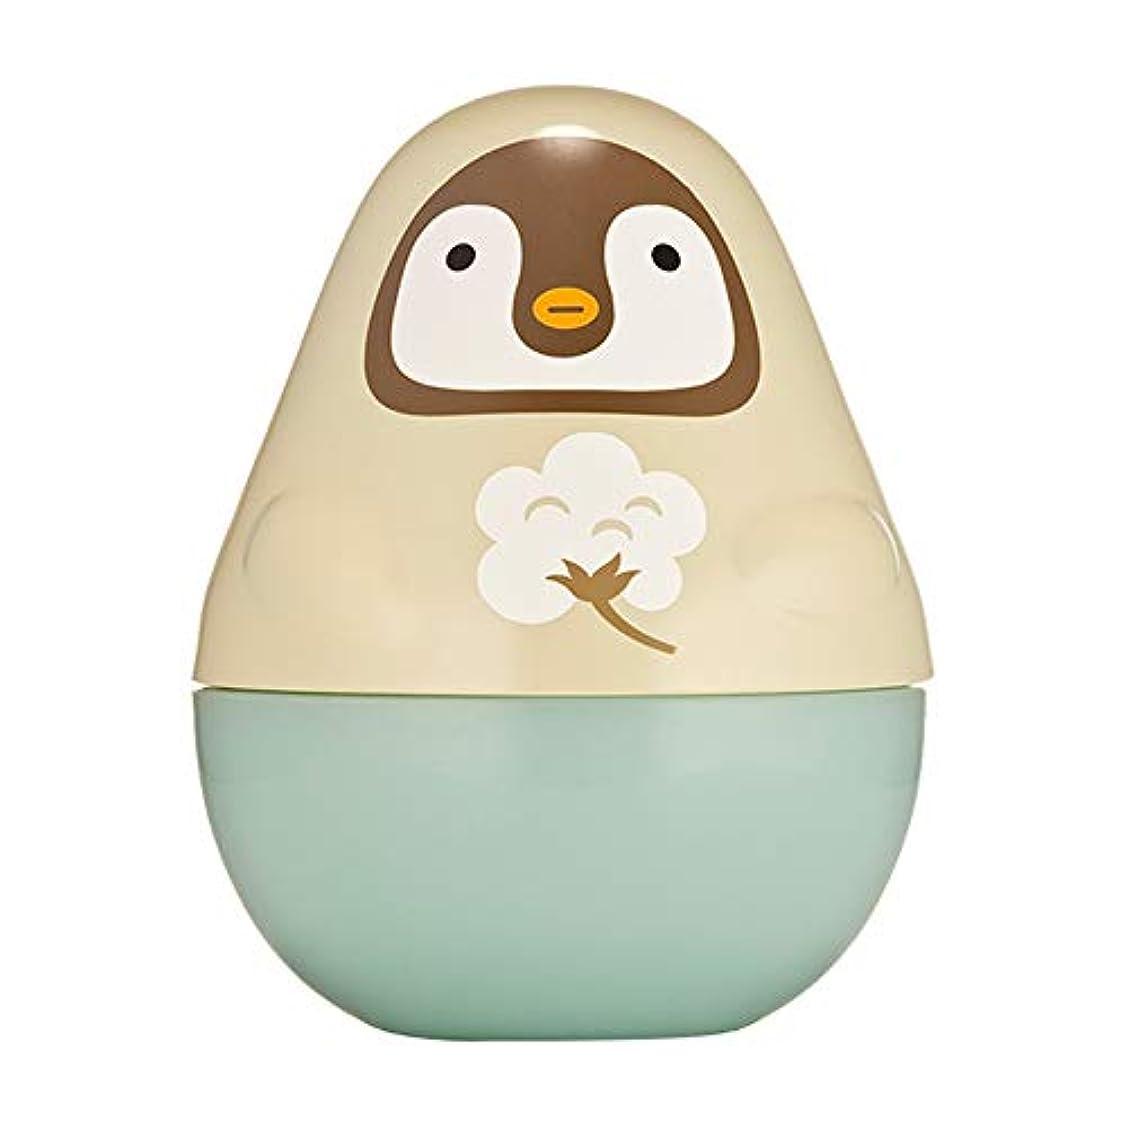 ファッションジュラシックパークポールエチュードハウス(ETUDE HOUSE) ミッシングユー ハンドクリーム ペンギン(ベビーパウダーの香り) ボディクリーム 30ml